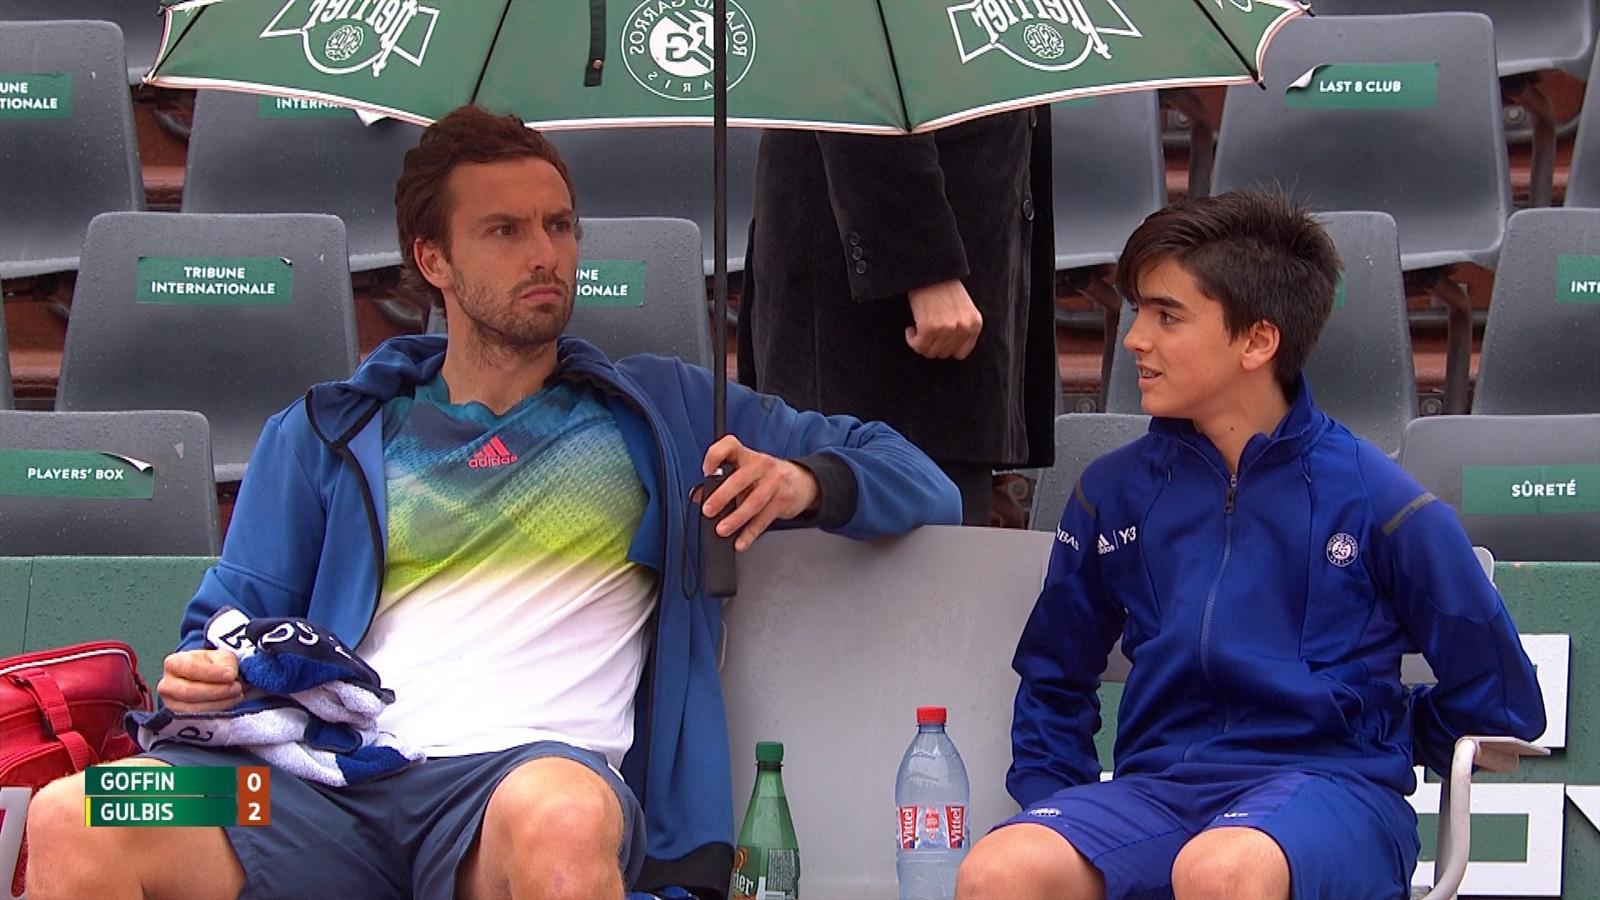 Video - French Open 2016 Ernests Gulbis Und Balljunge -4399